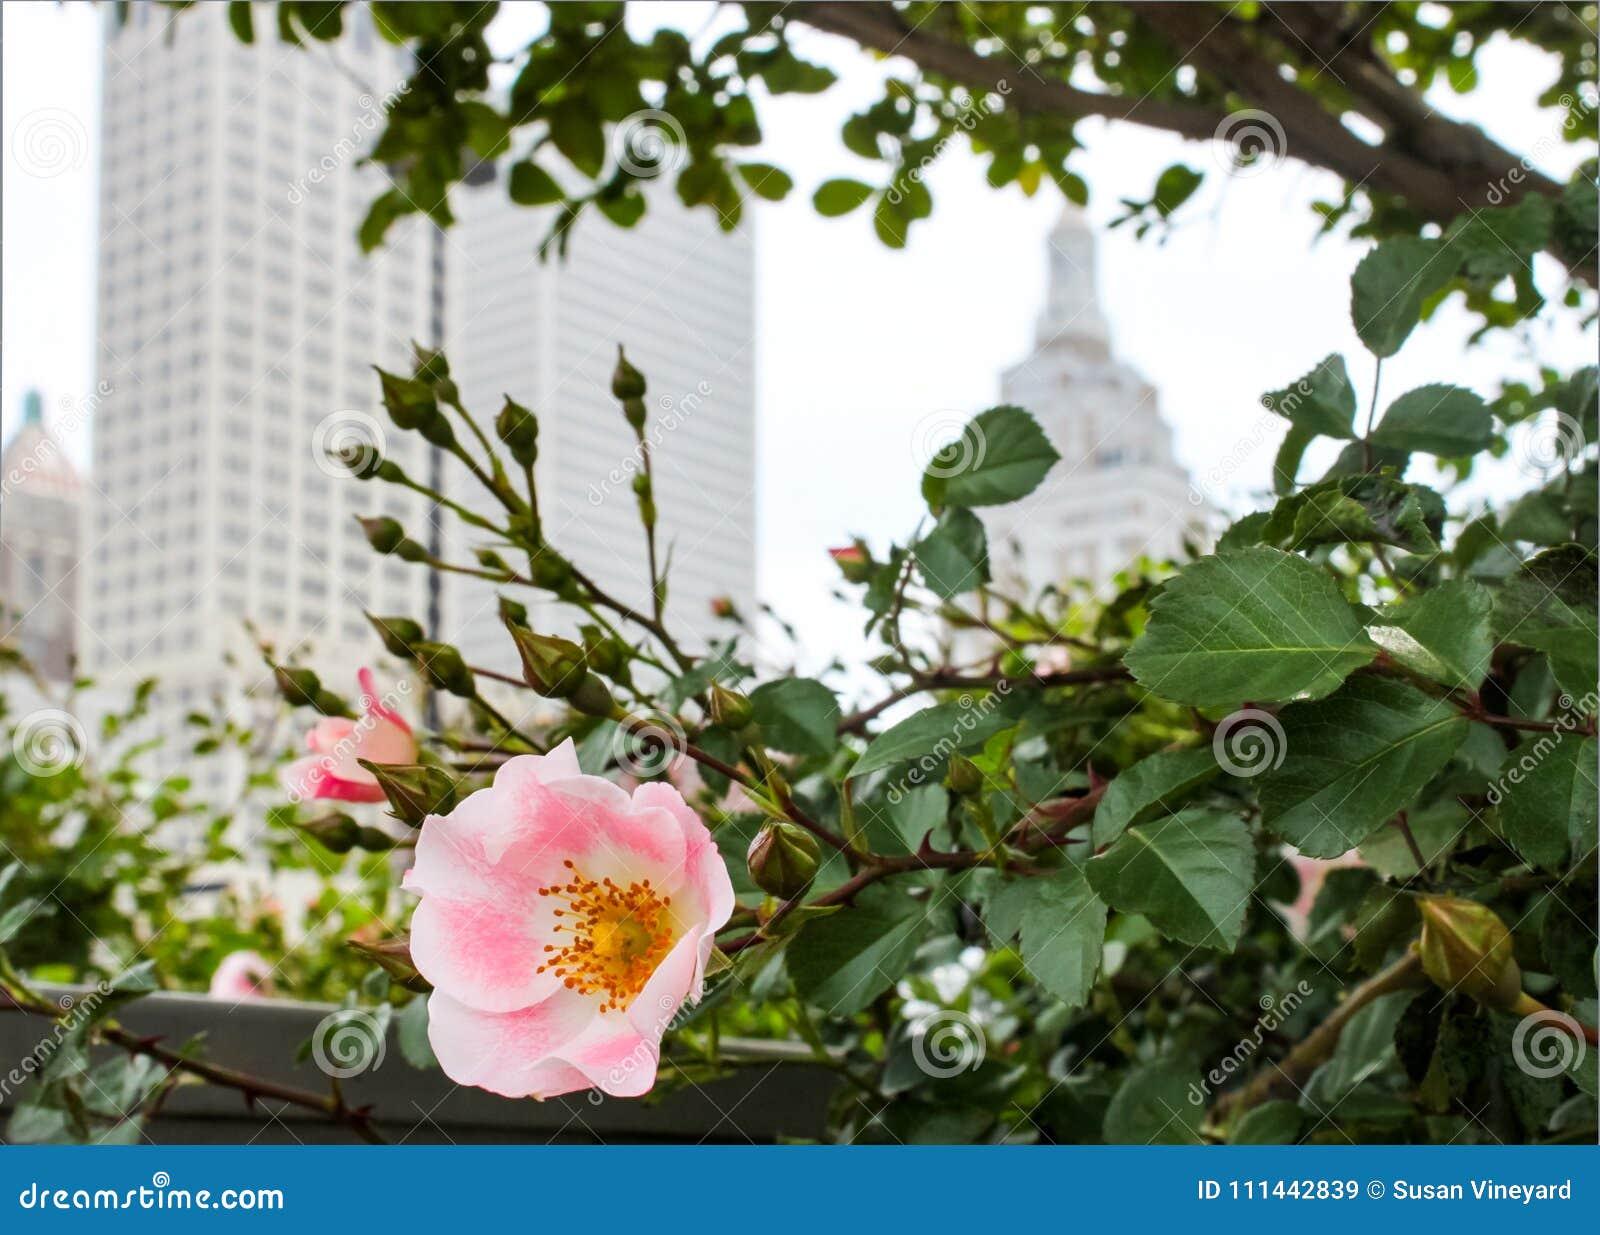 Rosa di rosa selvaggio con orizzonte vago di Tulsa Oklahoma dietro